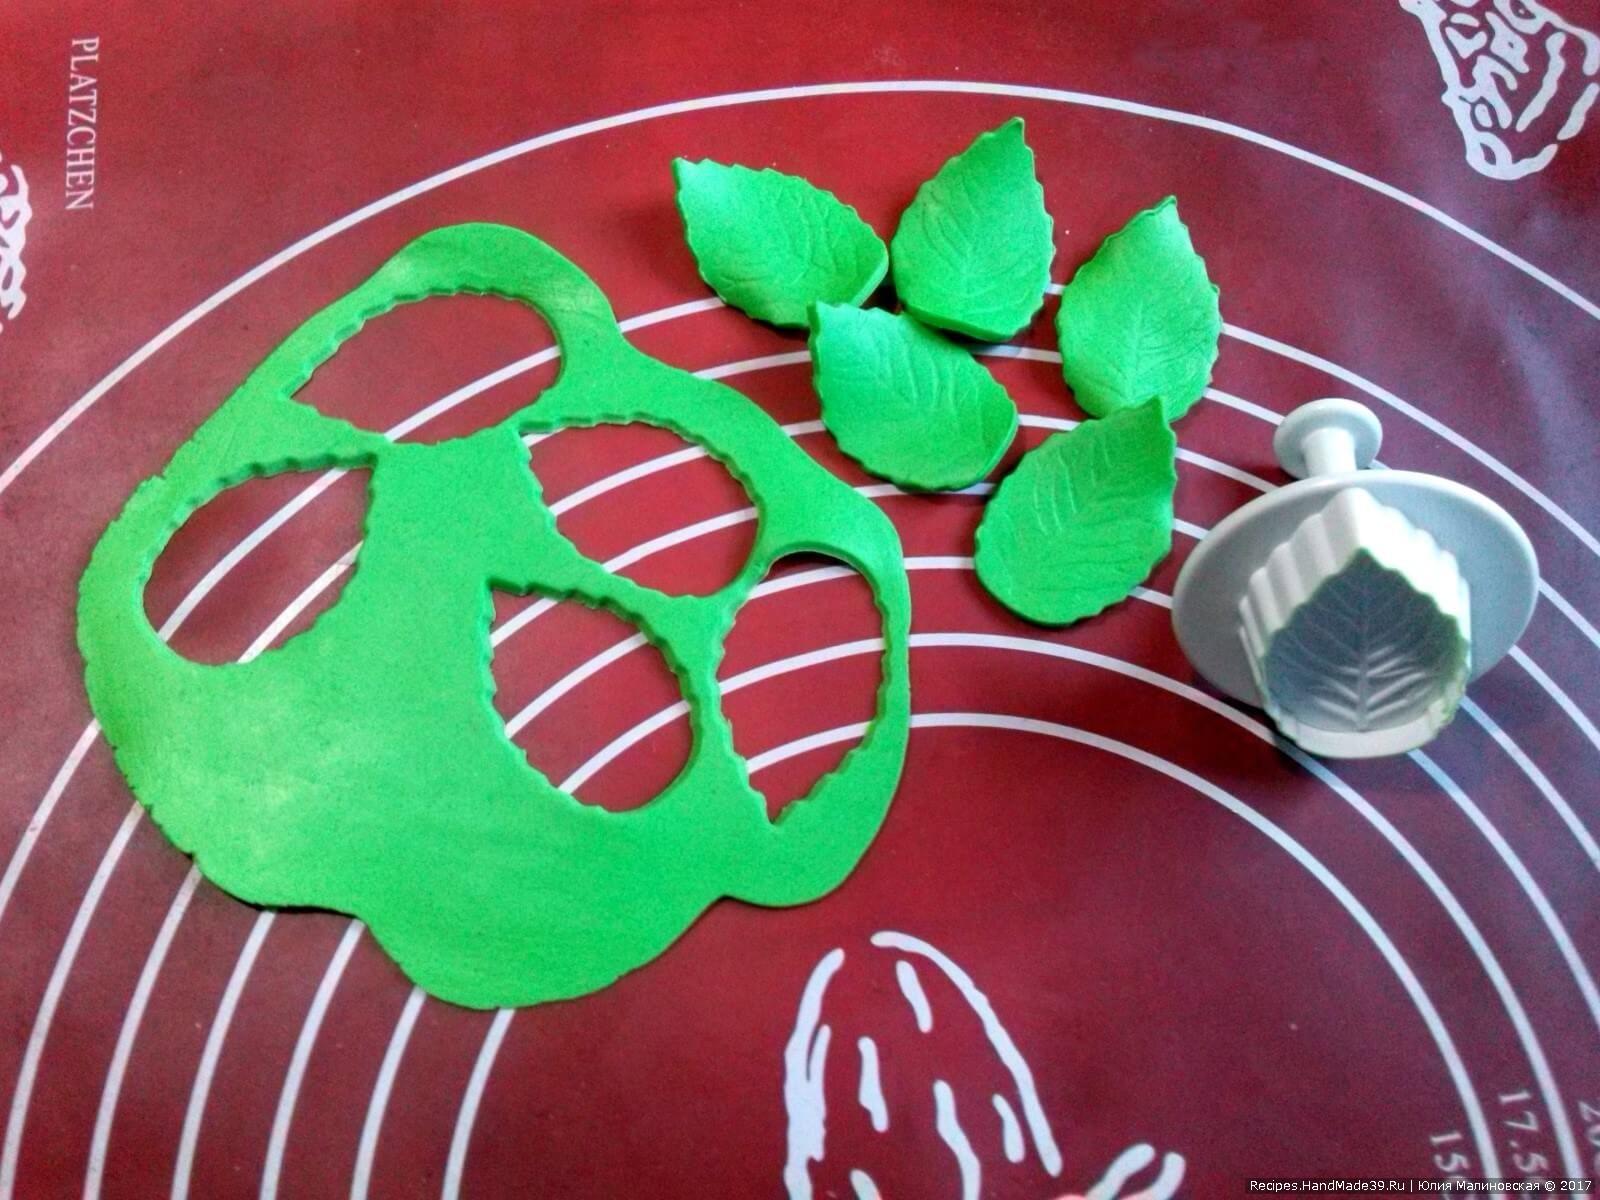 Из мягкого зелёного шоколада вырезать плунжером листики. Дать шоколаду застыть